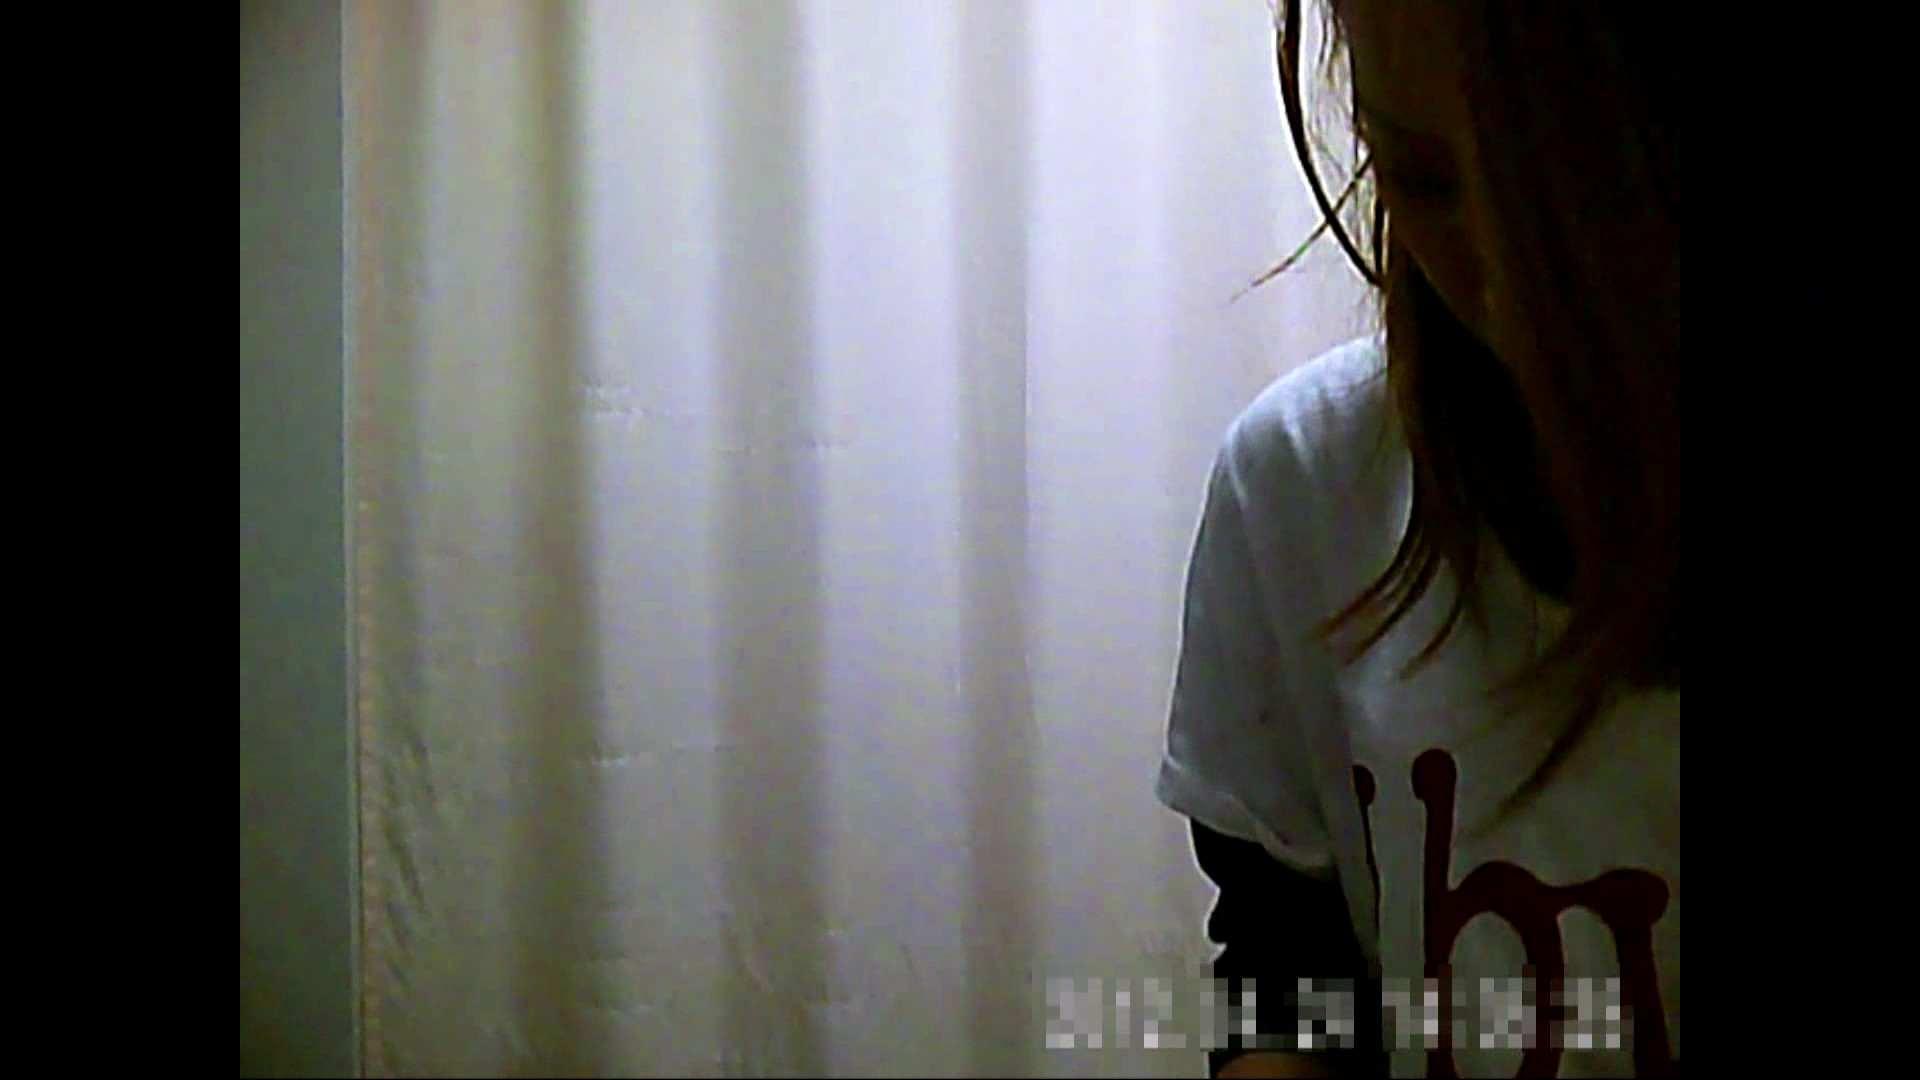 元医者による反抗 更衣室地獄絵巻 vol.010 ギャル  97PIX 70